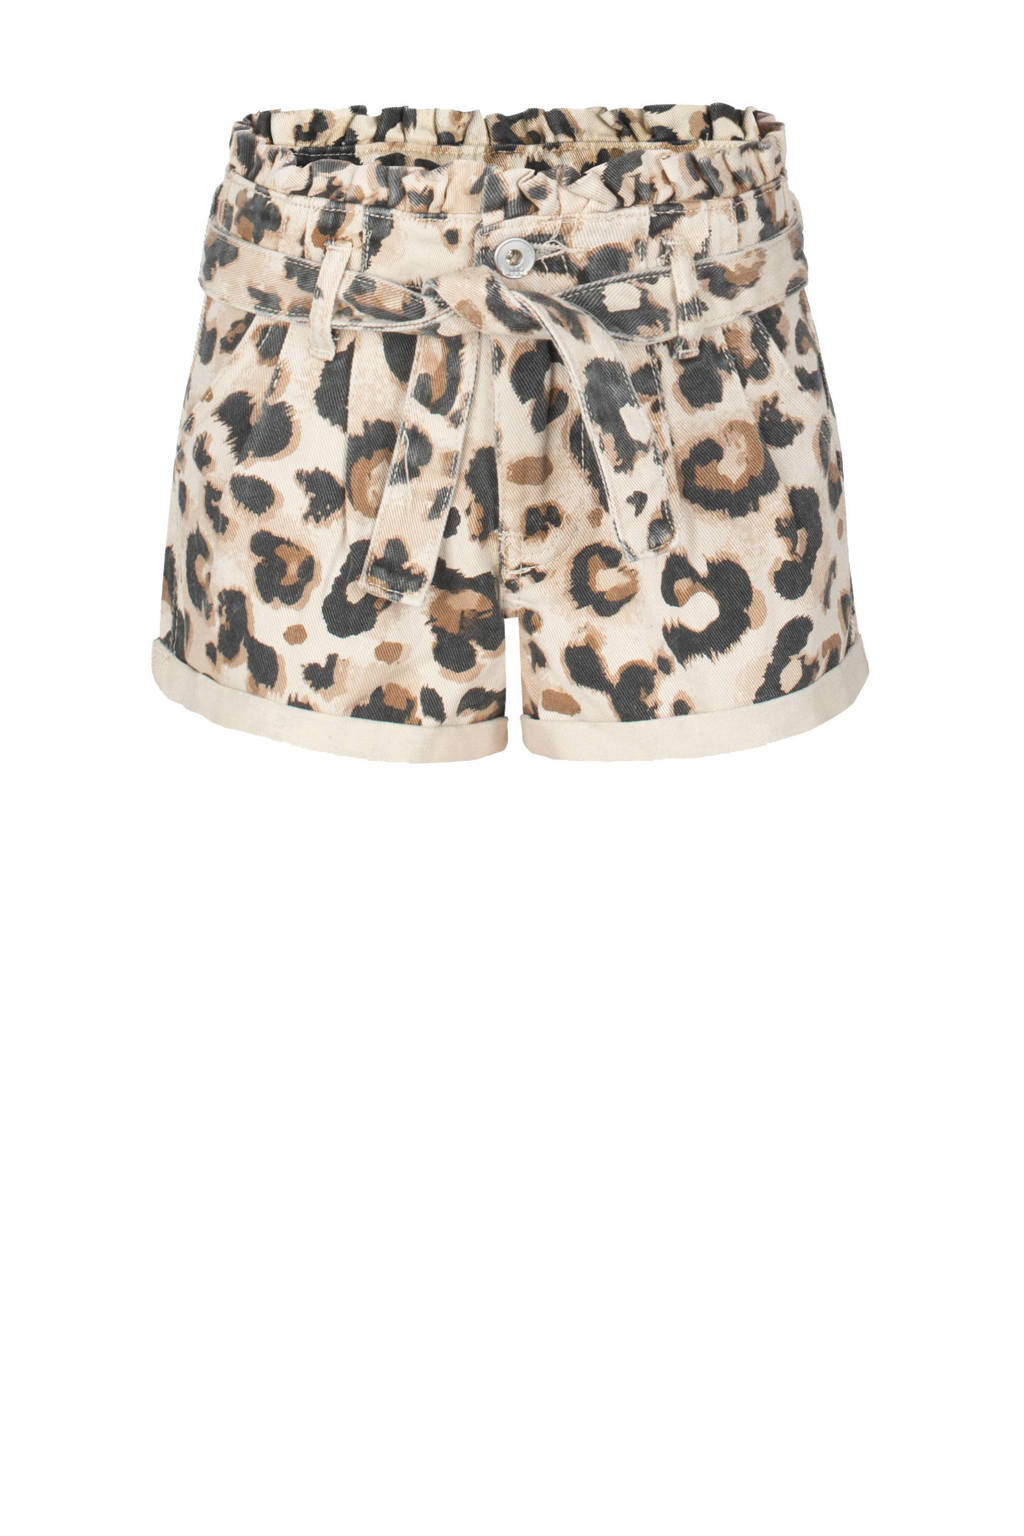 Jill & Mitch by Shoeby high waist mom fit short Leopard bruin/beige/zwart, Bruin/beige/zwart